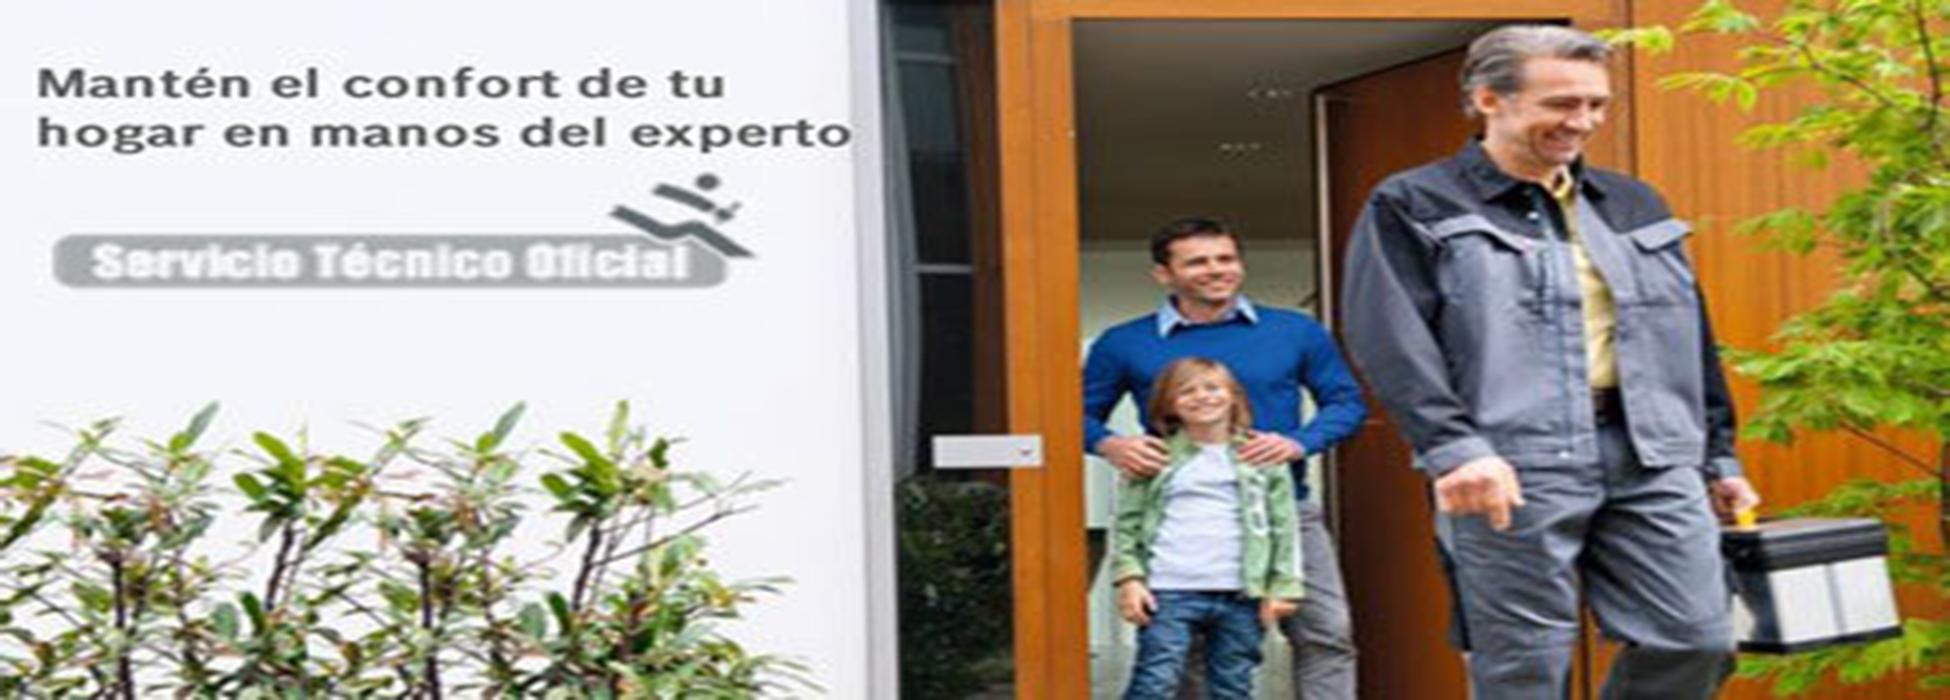 Servicio tecnico junkers converted midea for Servicio tecnico oficial junkers